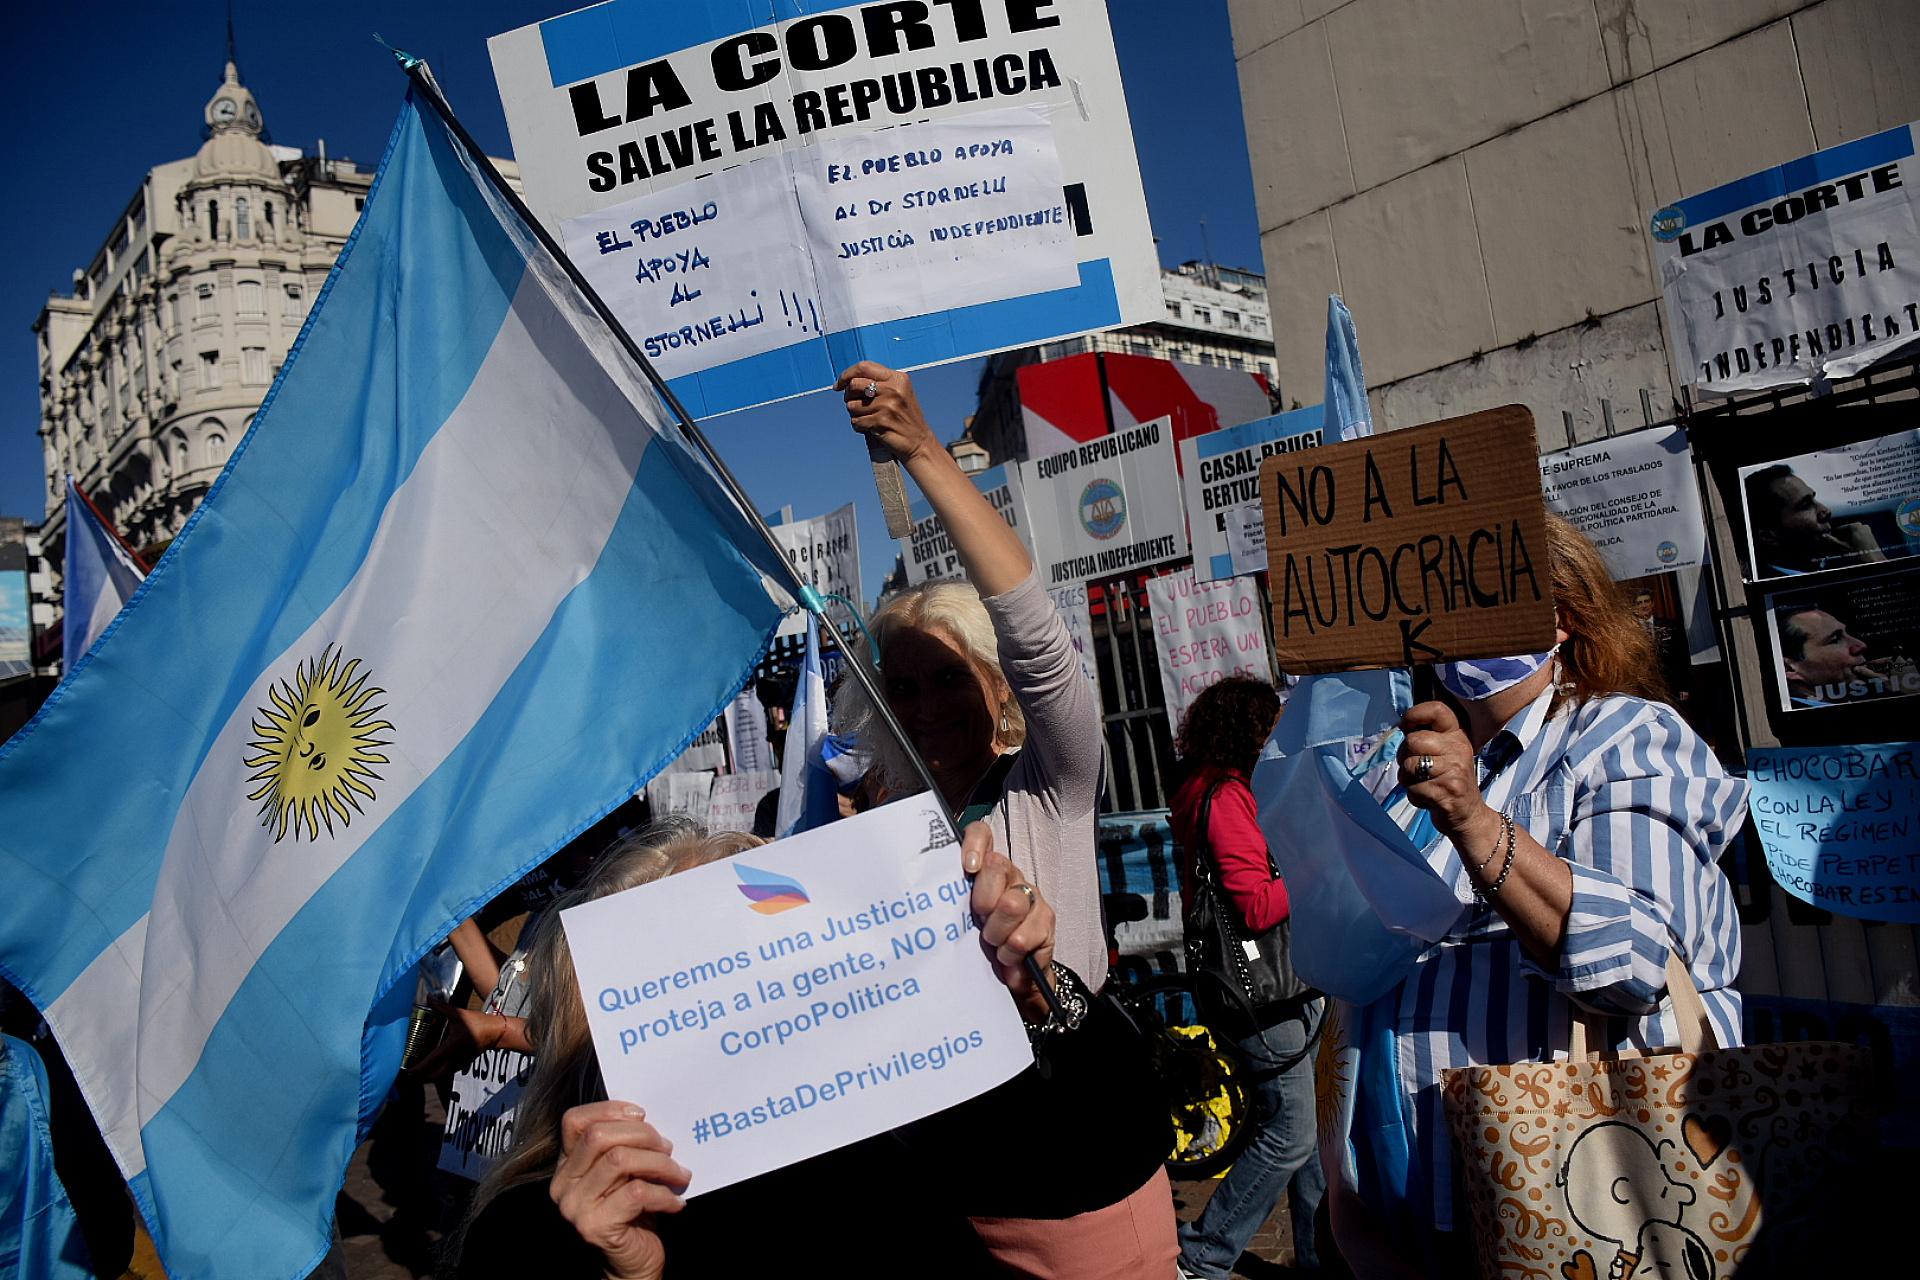 También se repitieron las consignas contra la reforma judicial y el desplazamiento de los jueces que investigaron a Cristina Kirchner